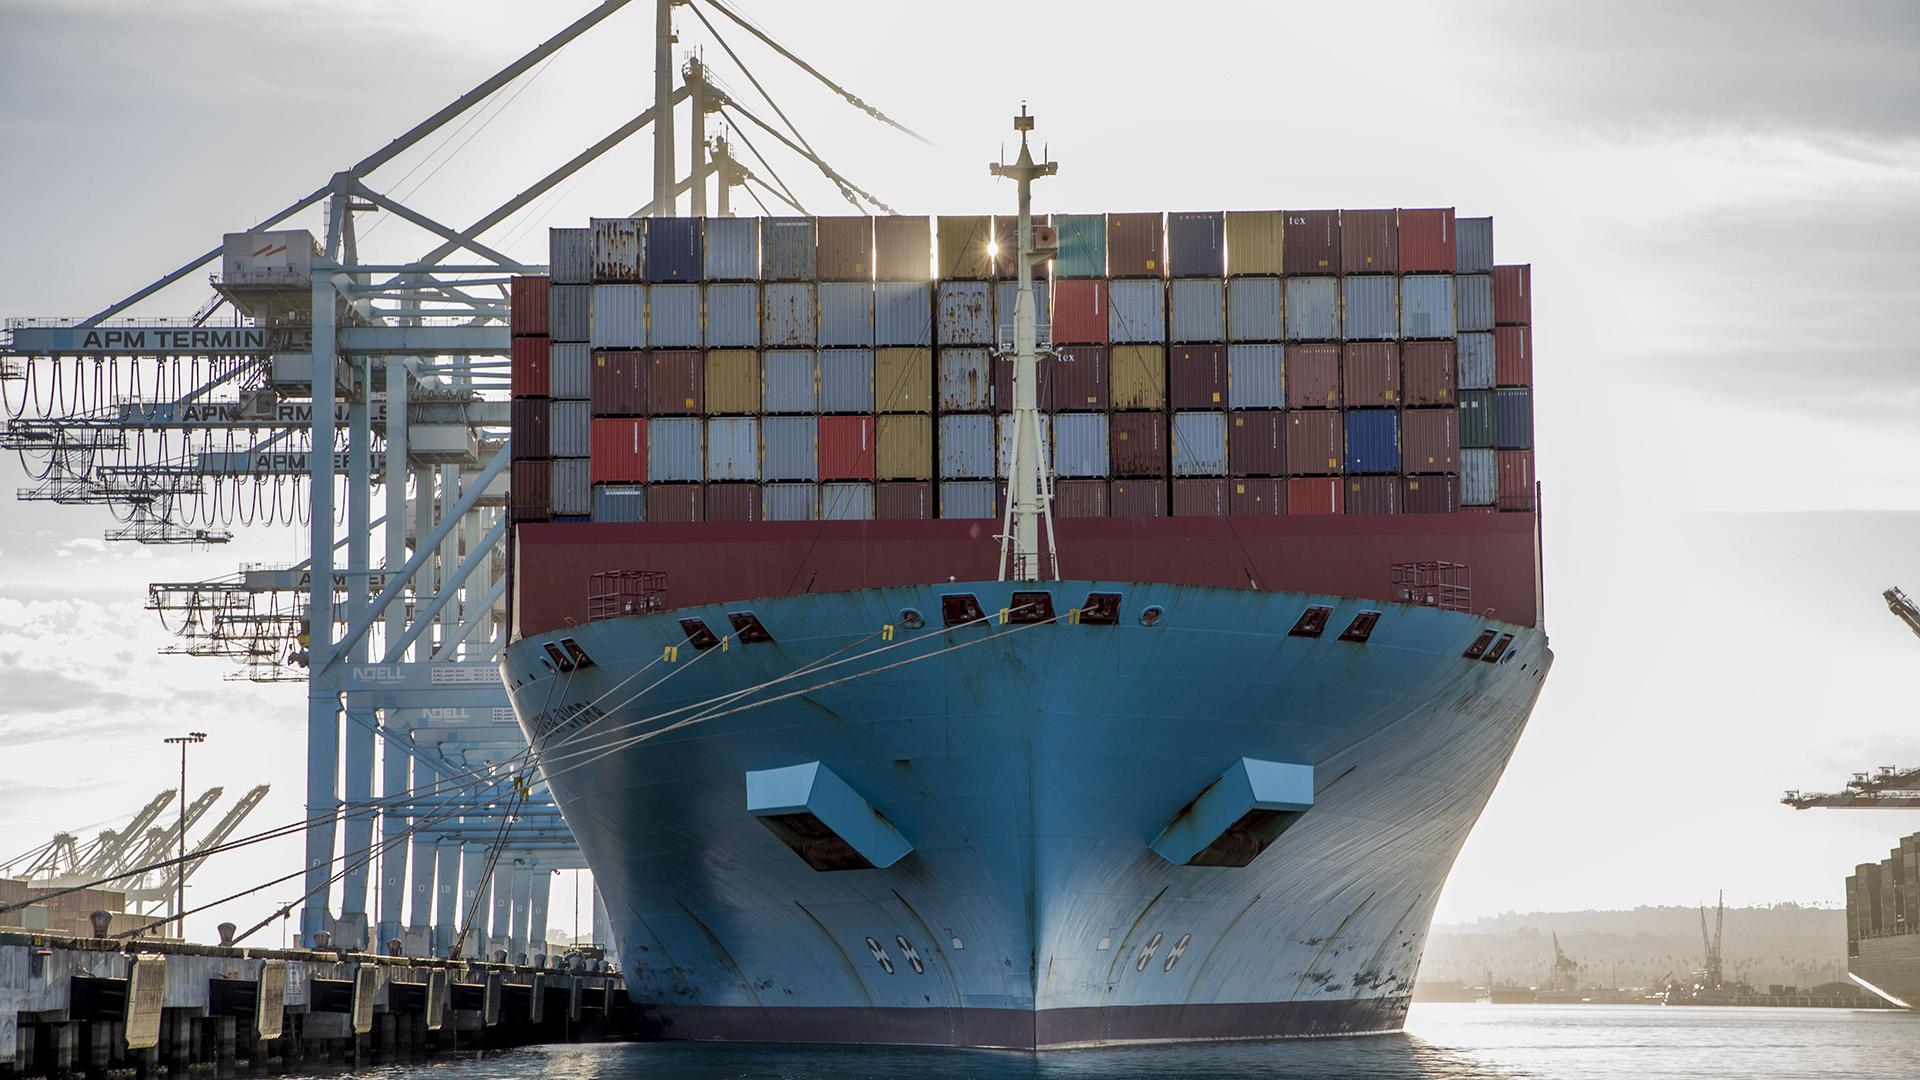 Maersk Evora